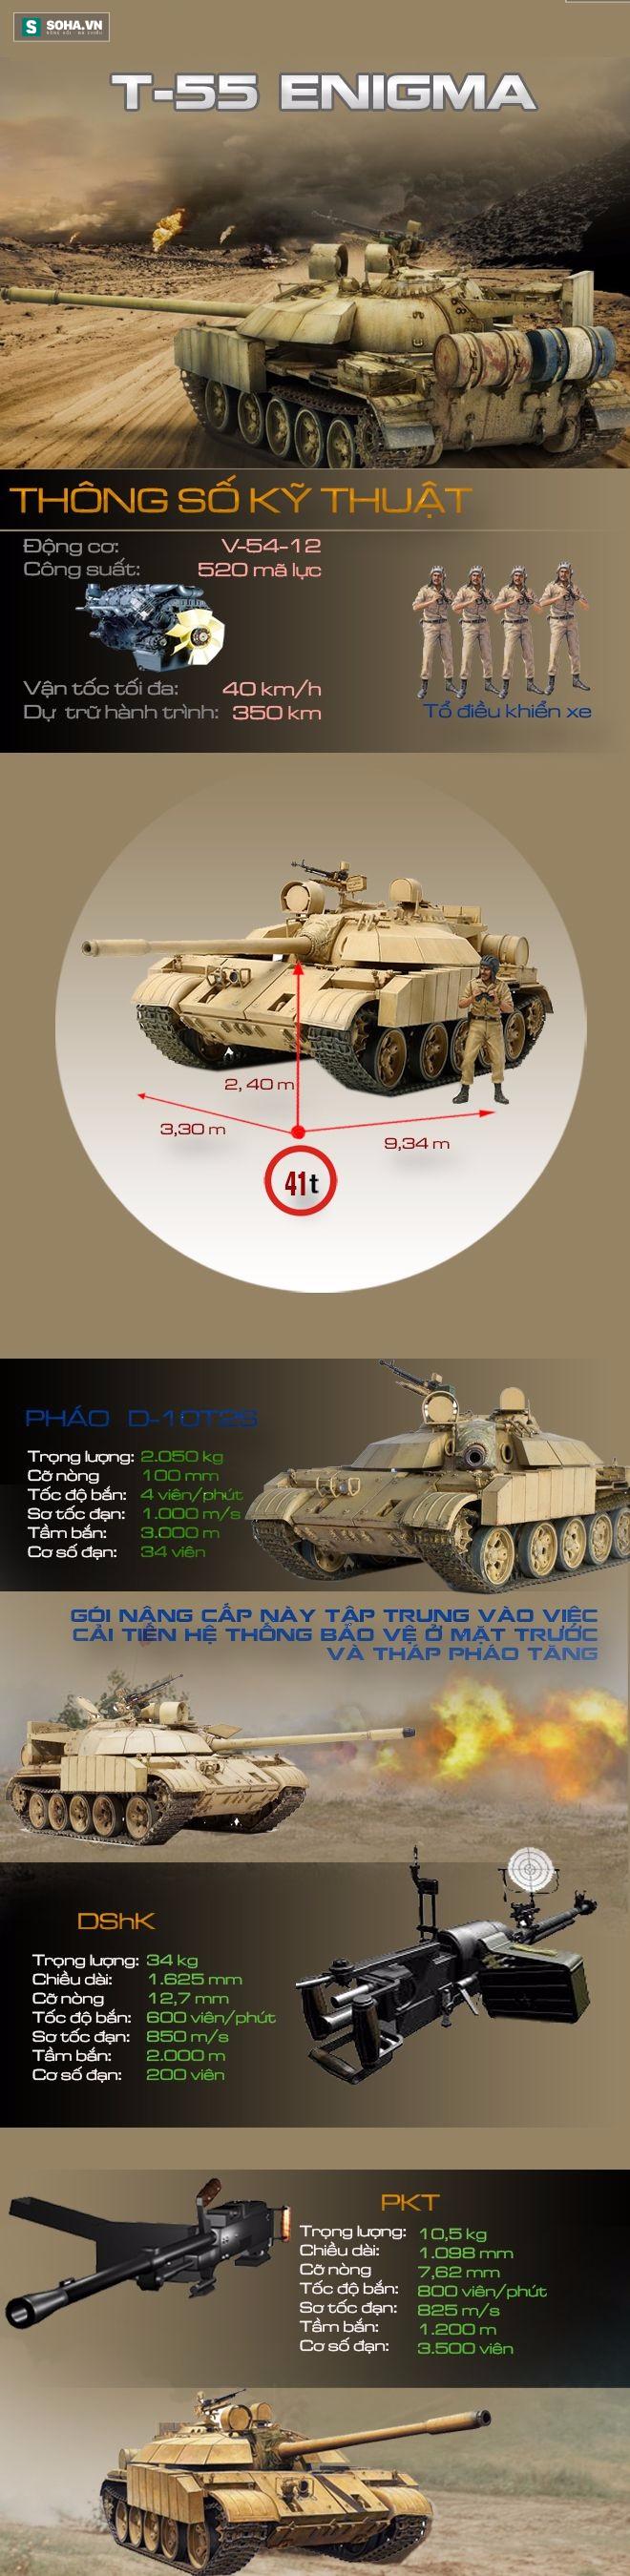 Sống sót sau khi dính 4 tên lửa Milan, xe tăng T-55 nâng cấp của Iraq có gì đặc biệt? - Ảnh 1.